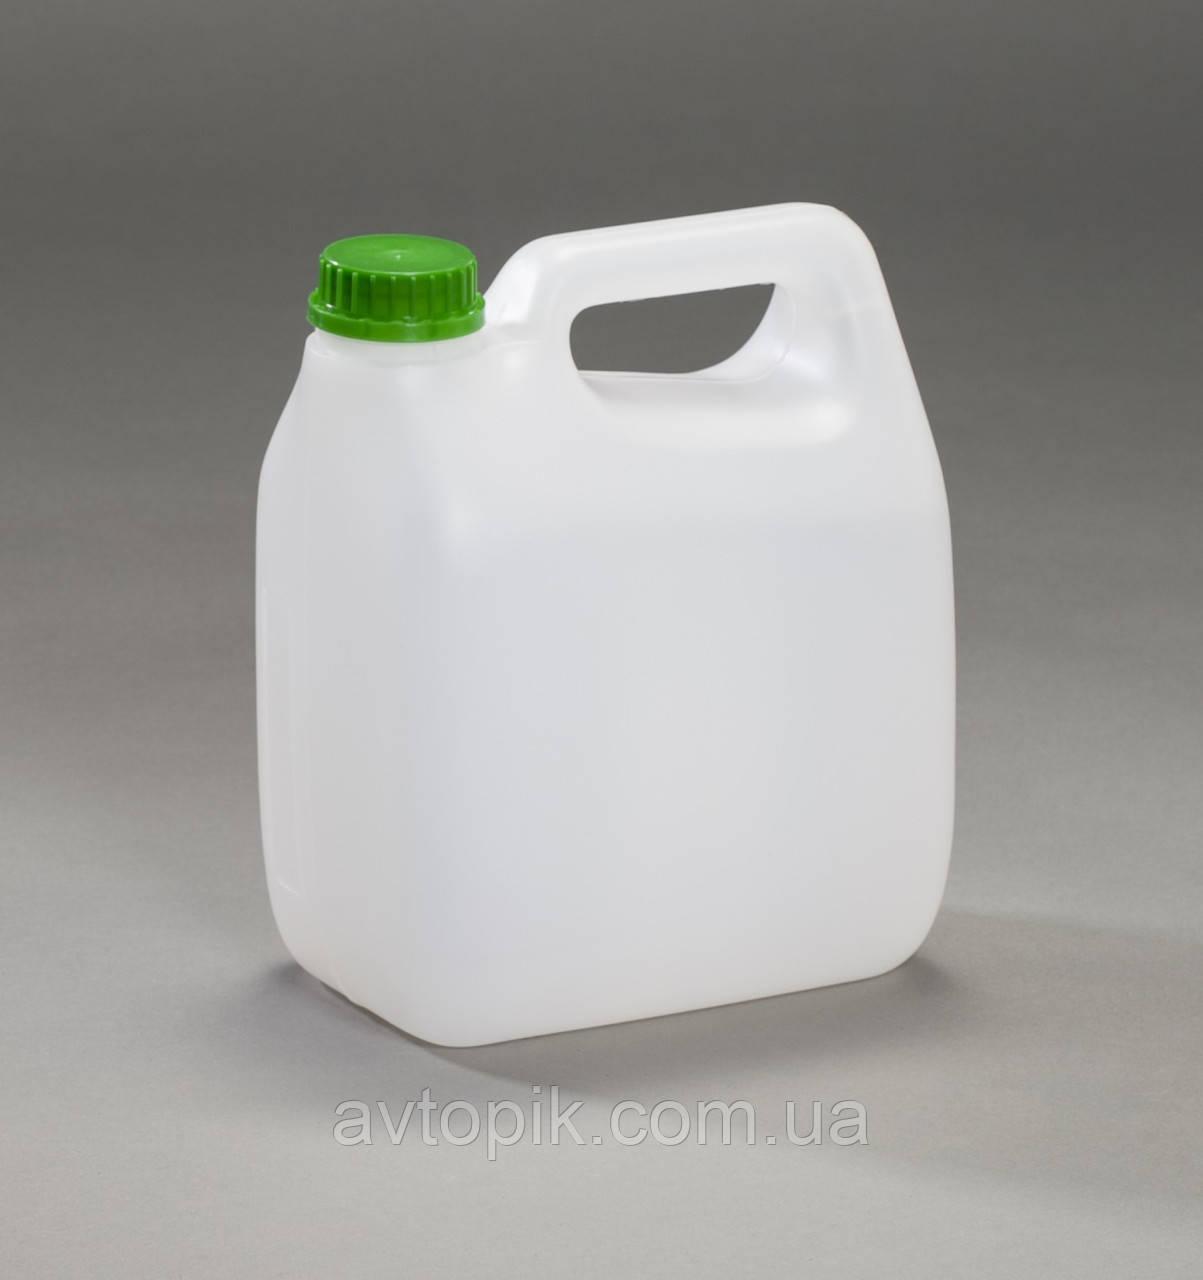 Жидкость для омывания стекол летняя Аlycol Summer Citrus 4л MS-10503